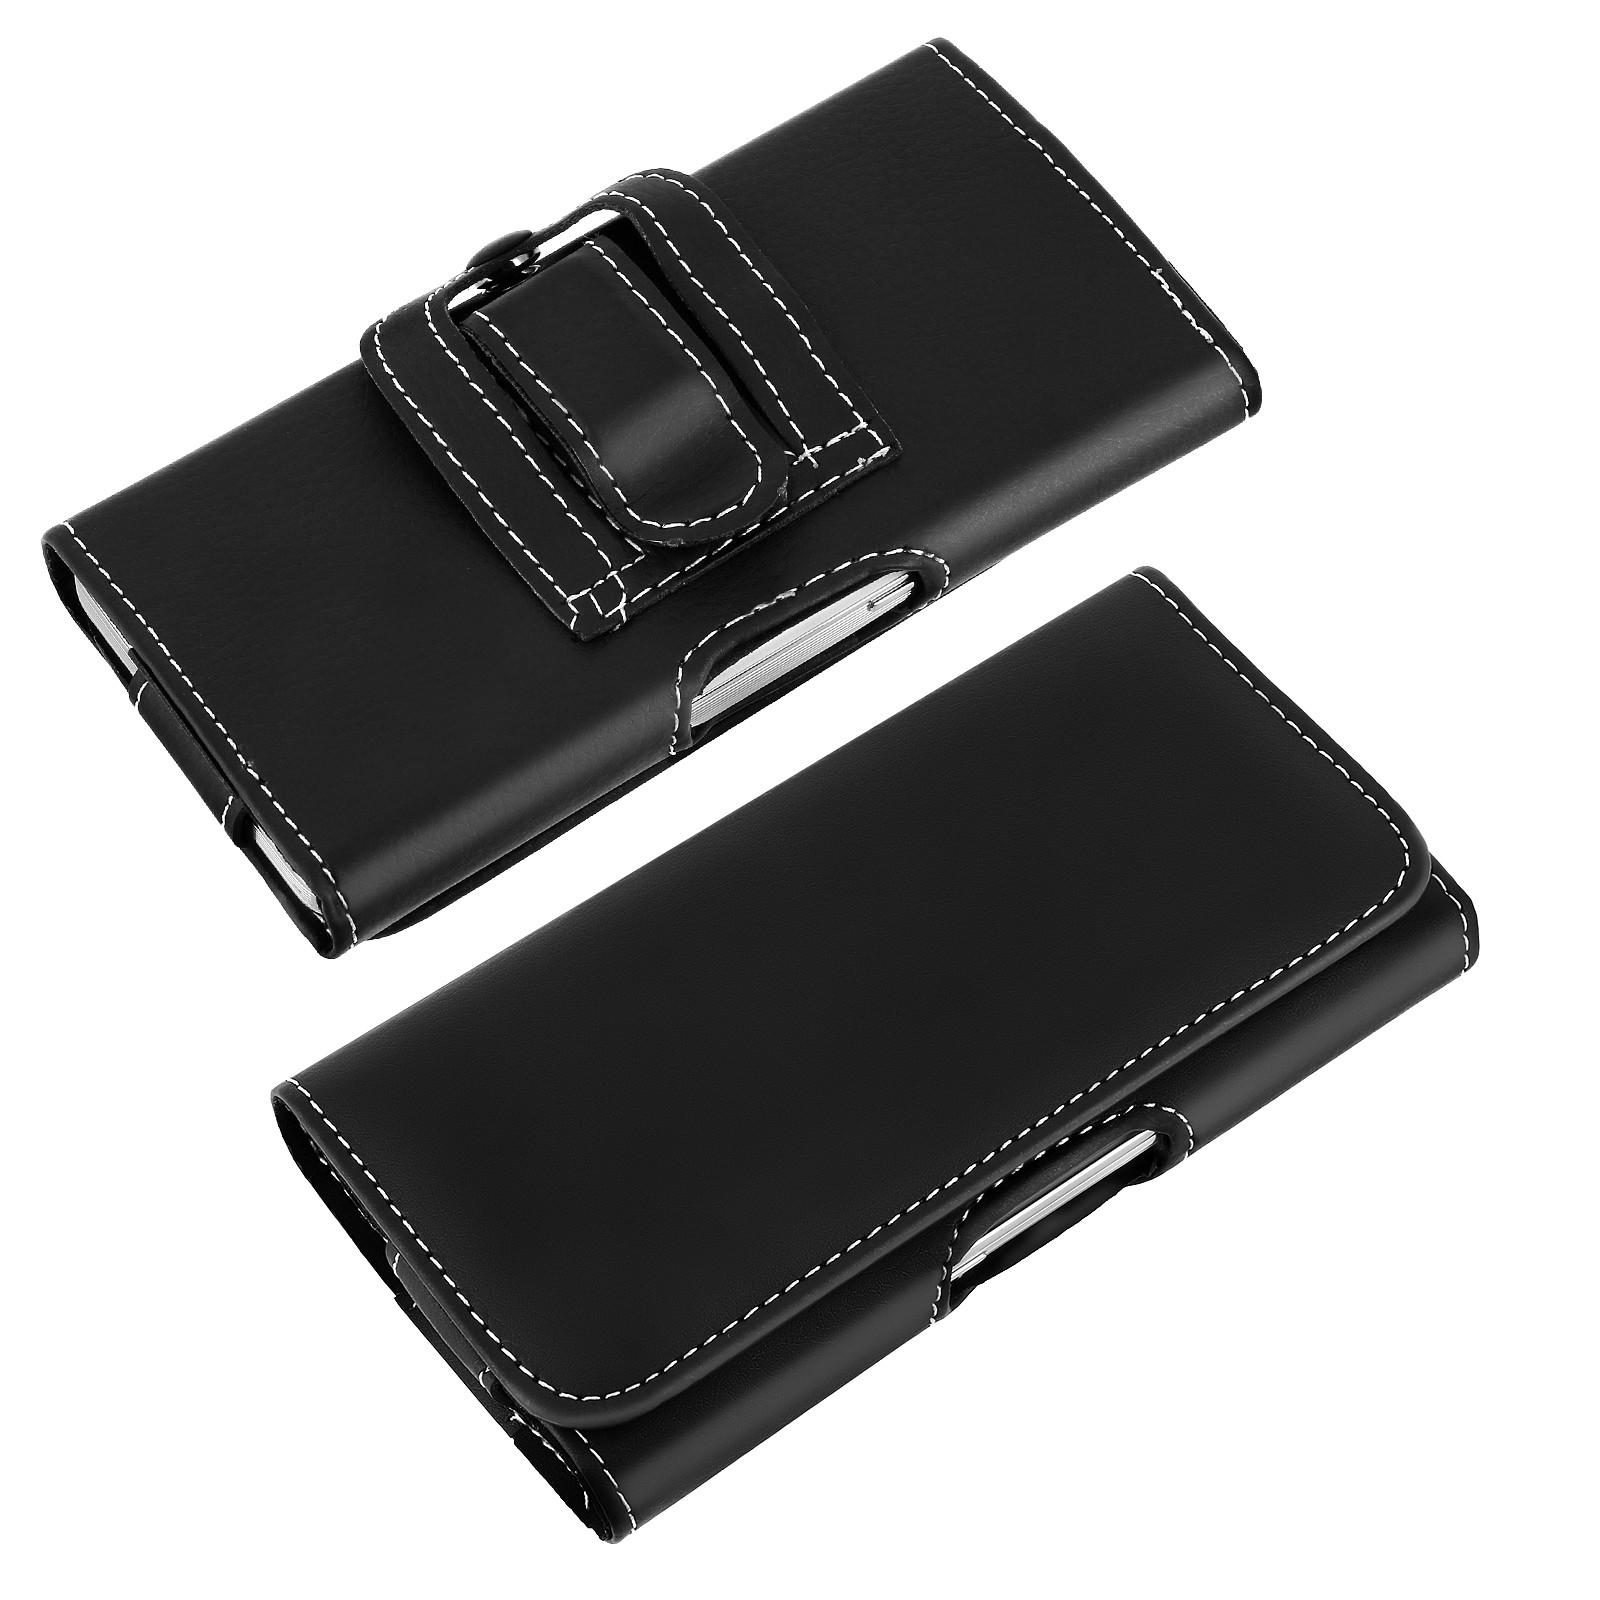 Avizar Etui ceinture Noir pour Smartphone de taille maximale 137 x 67 mm